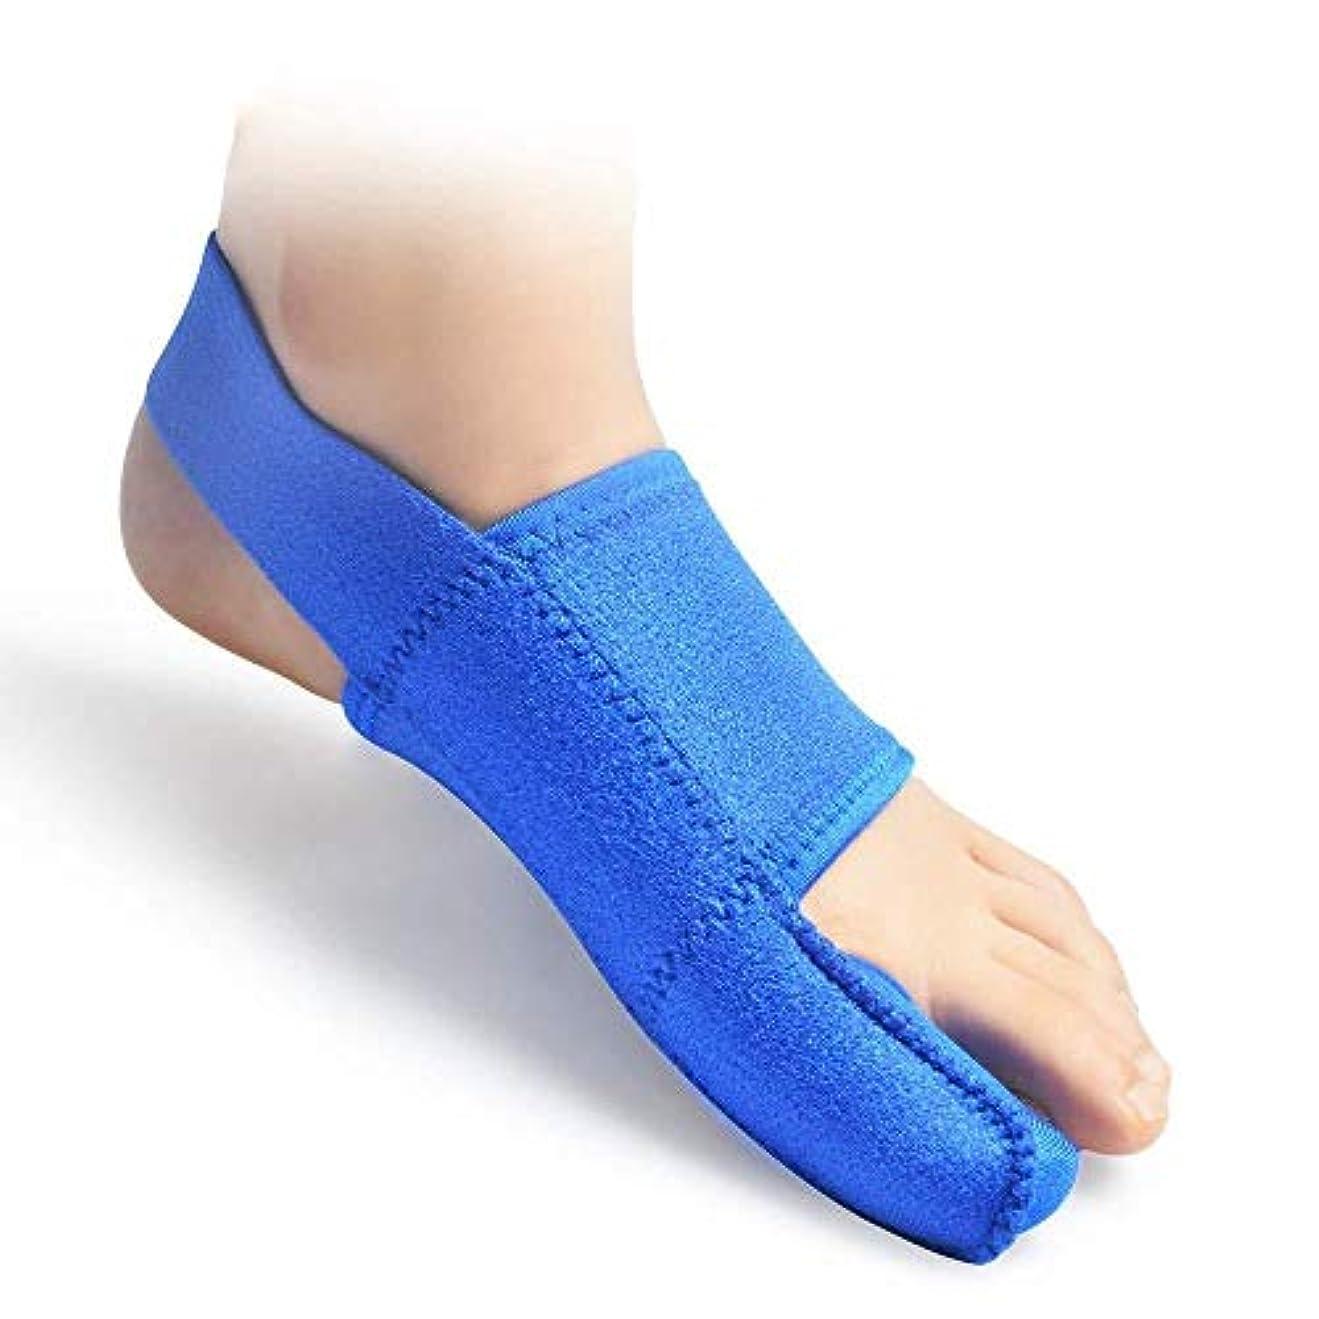 発明におい経済つま先セパレーター、つま先セパレーター、ハンマーの痛みのための超ソフトで快適なつま先のつま先つま先セパレーター装具,Left Foot